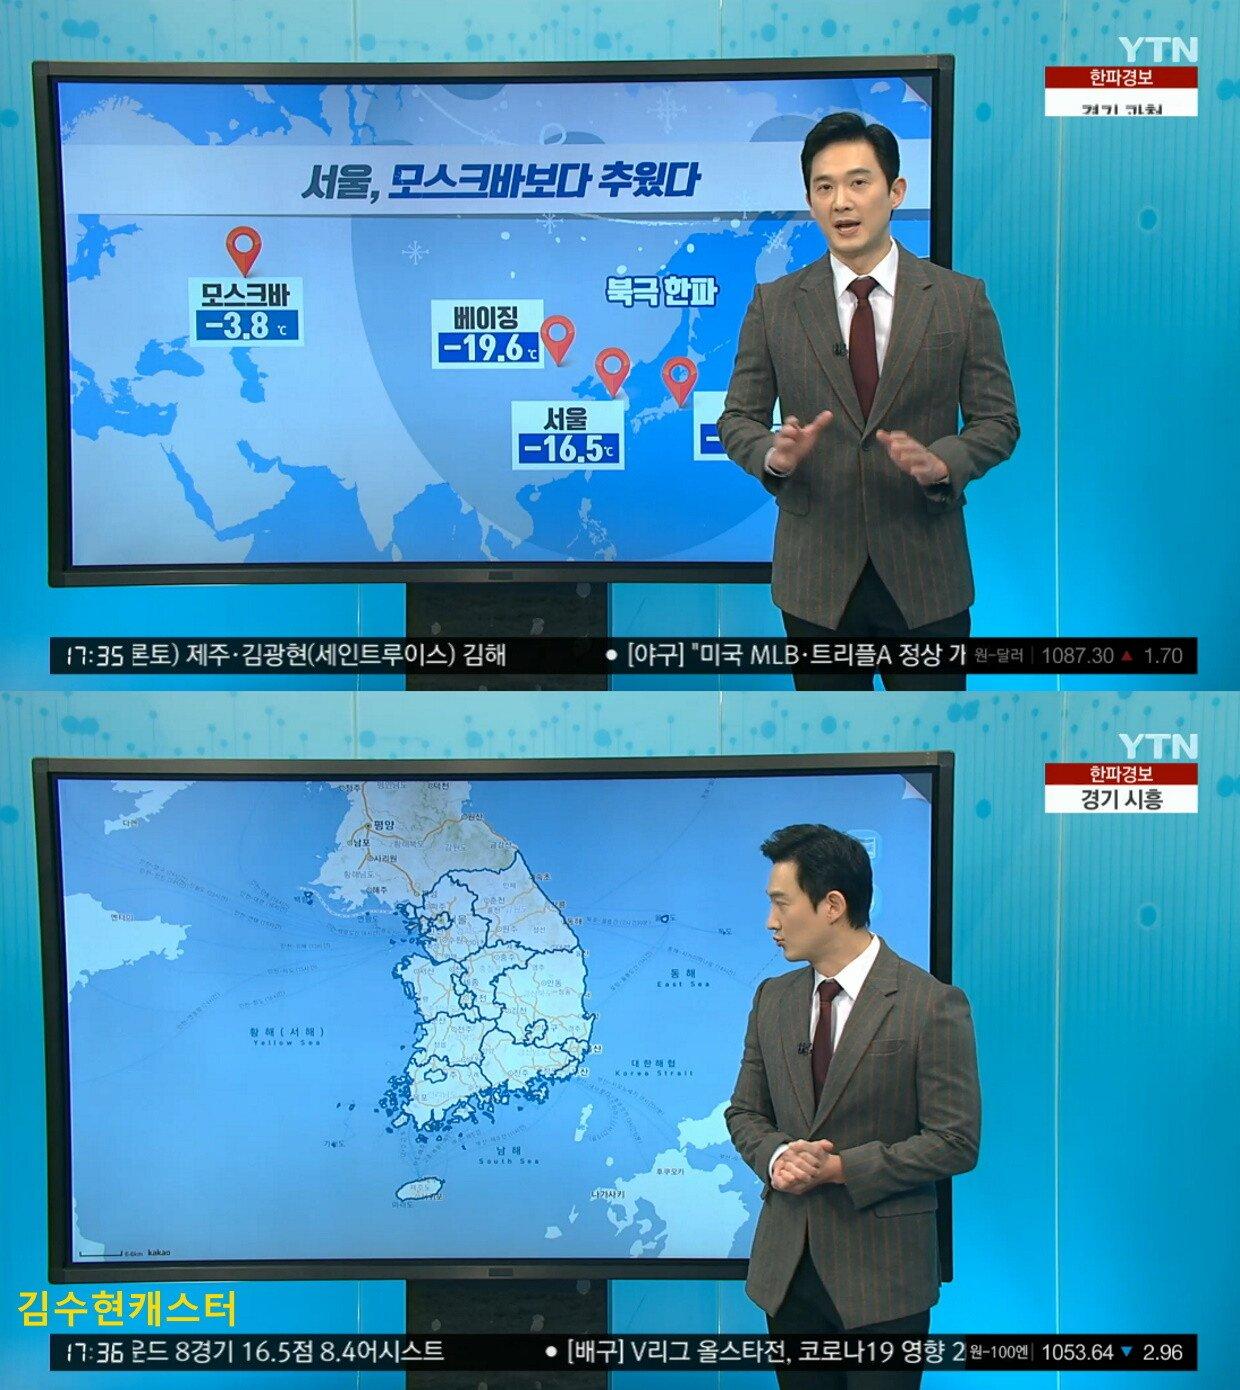 서울, 모스크바보다 추웠다. (내일 한파 절정, 전국 대부분 한파 특보)